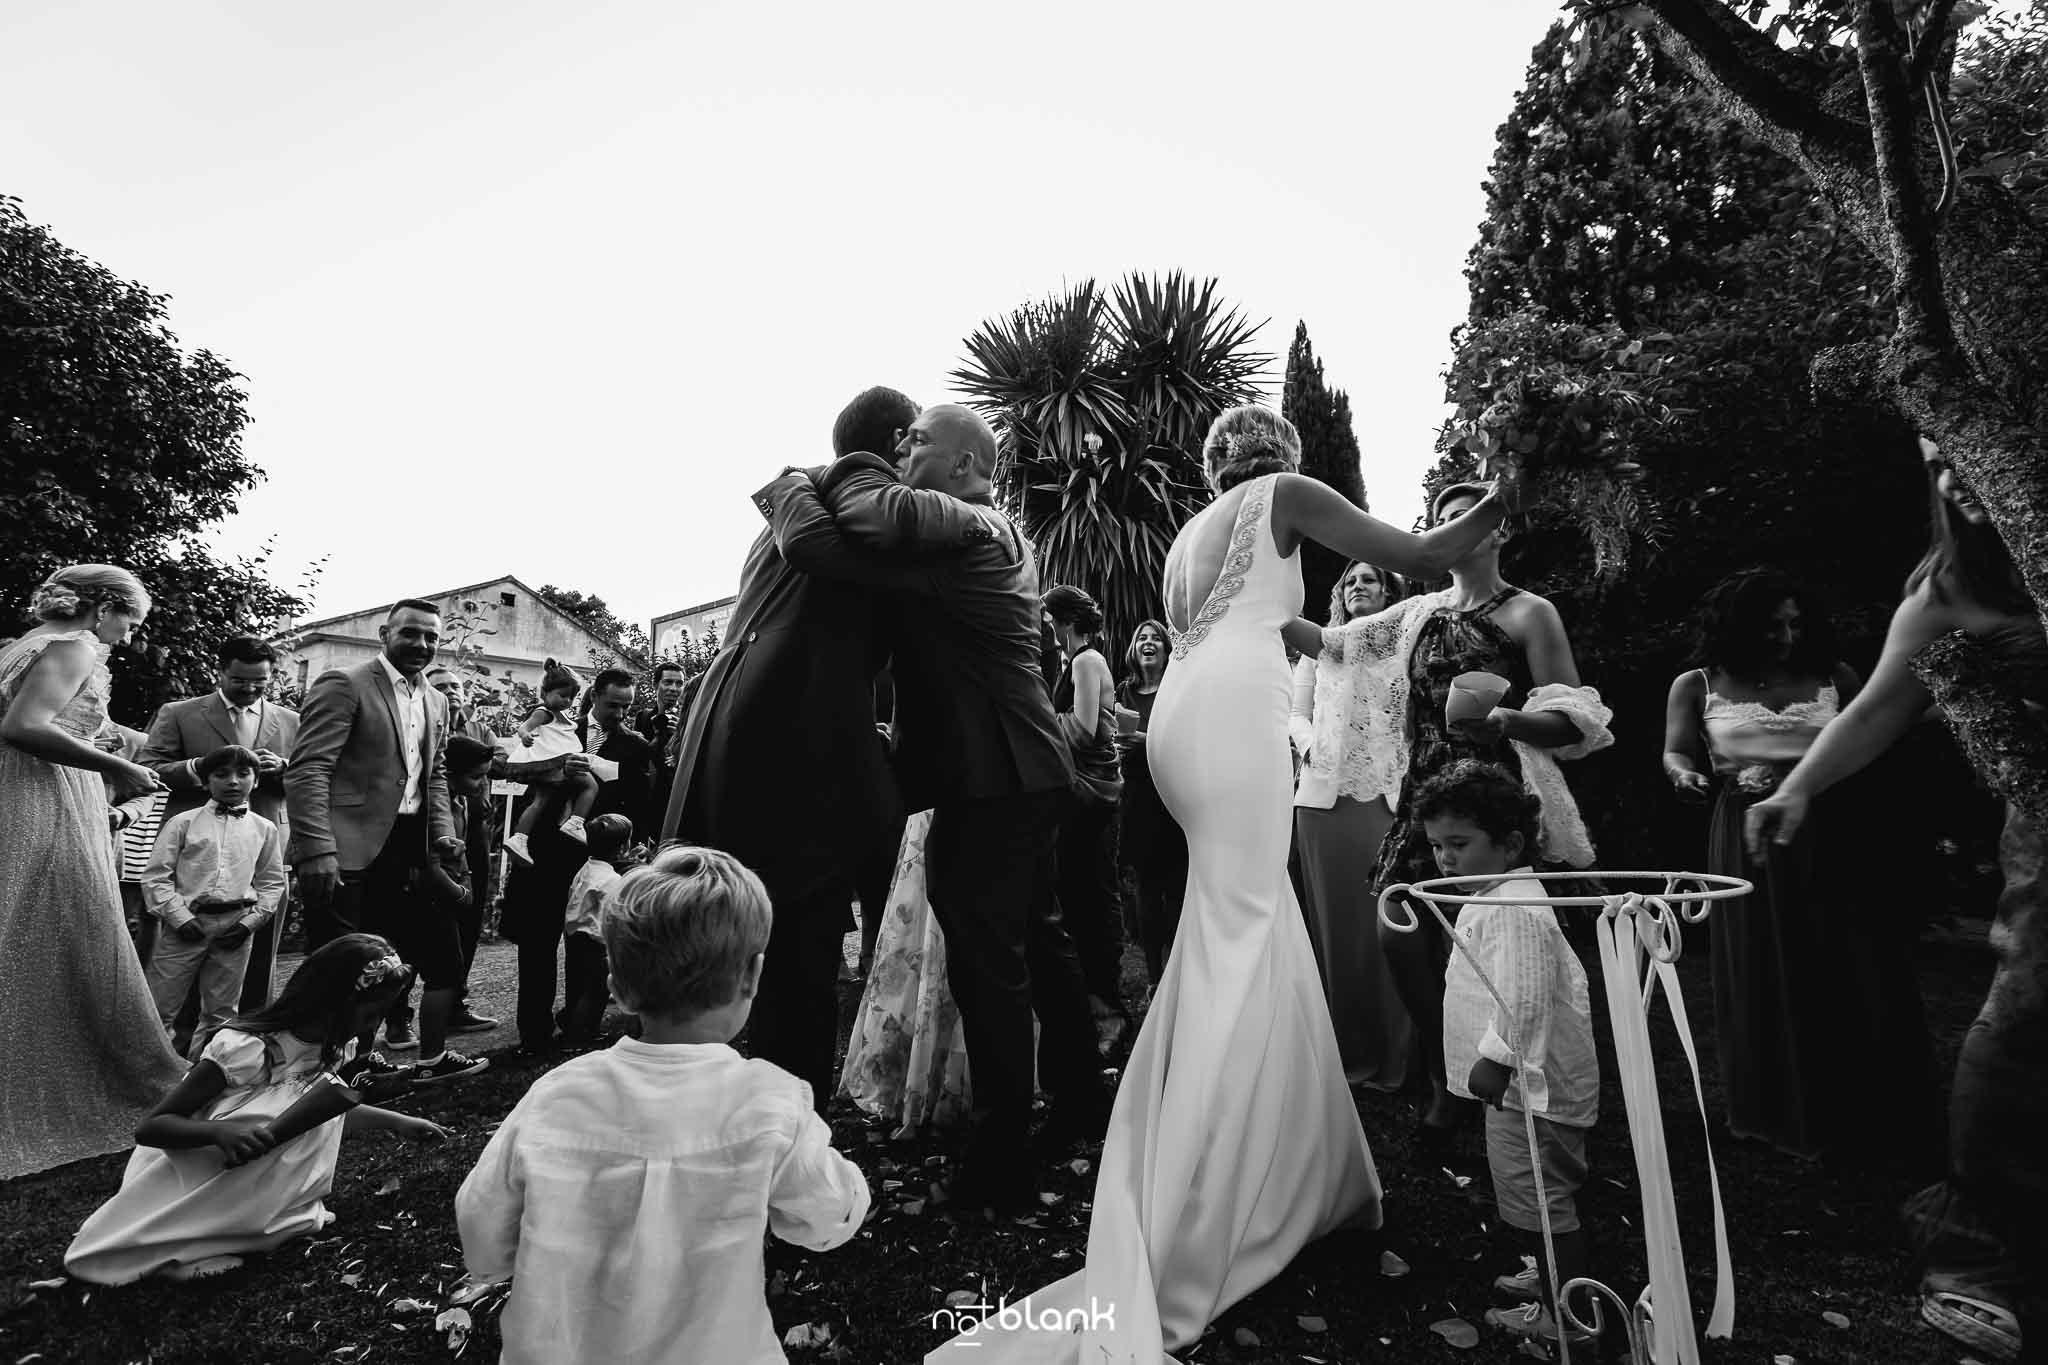 Boda En El Jardin De Casa Jana y Fran - Los invitados se abrazan a los novios para felicitarles por su matrimonio - Notblank Fotografos de boda